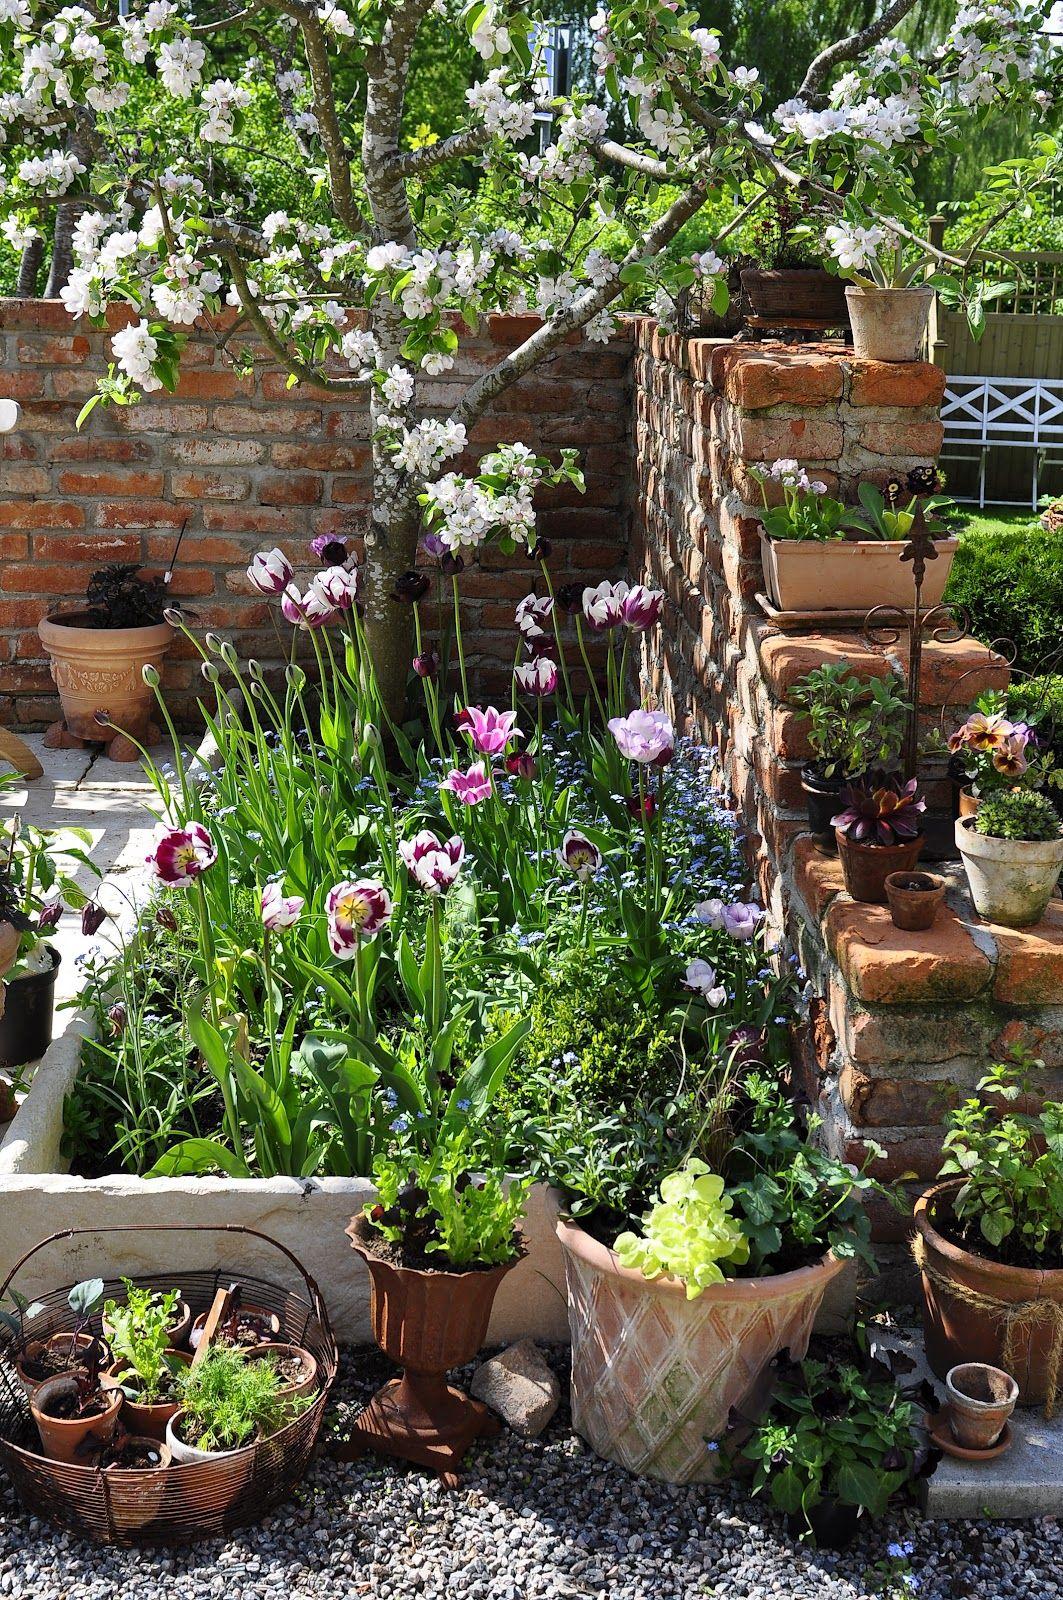 Cottage garden landscape design ideas  JPG   Ideas for my garden  Pinterest  Gardens